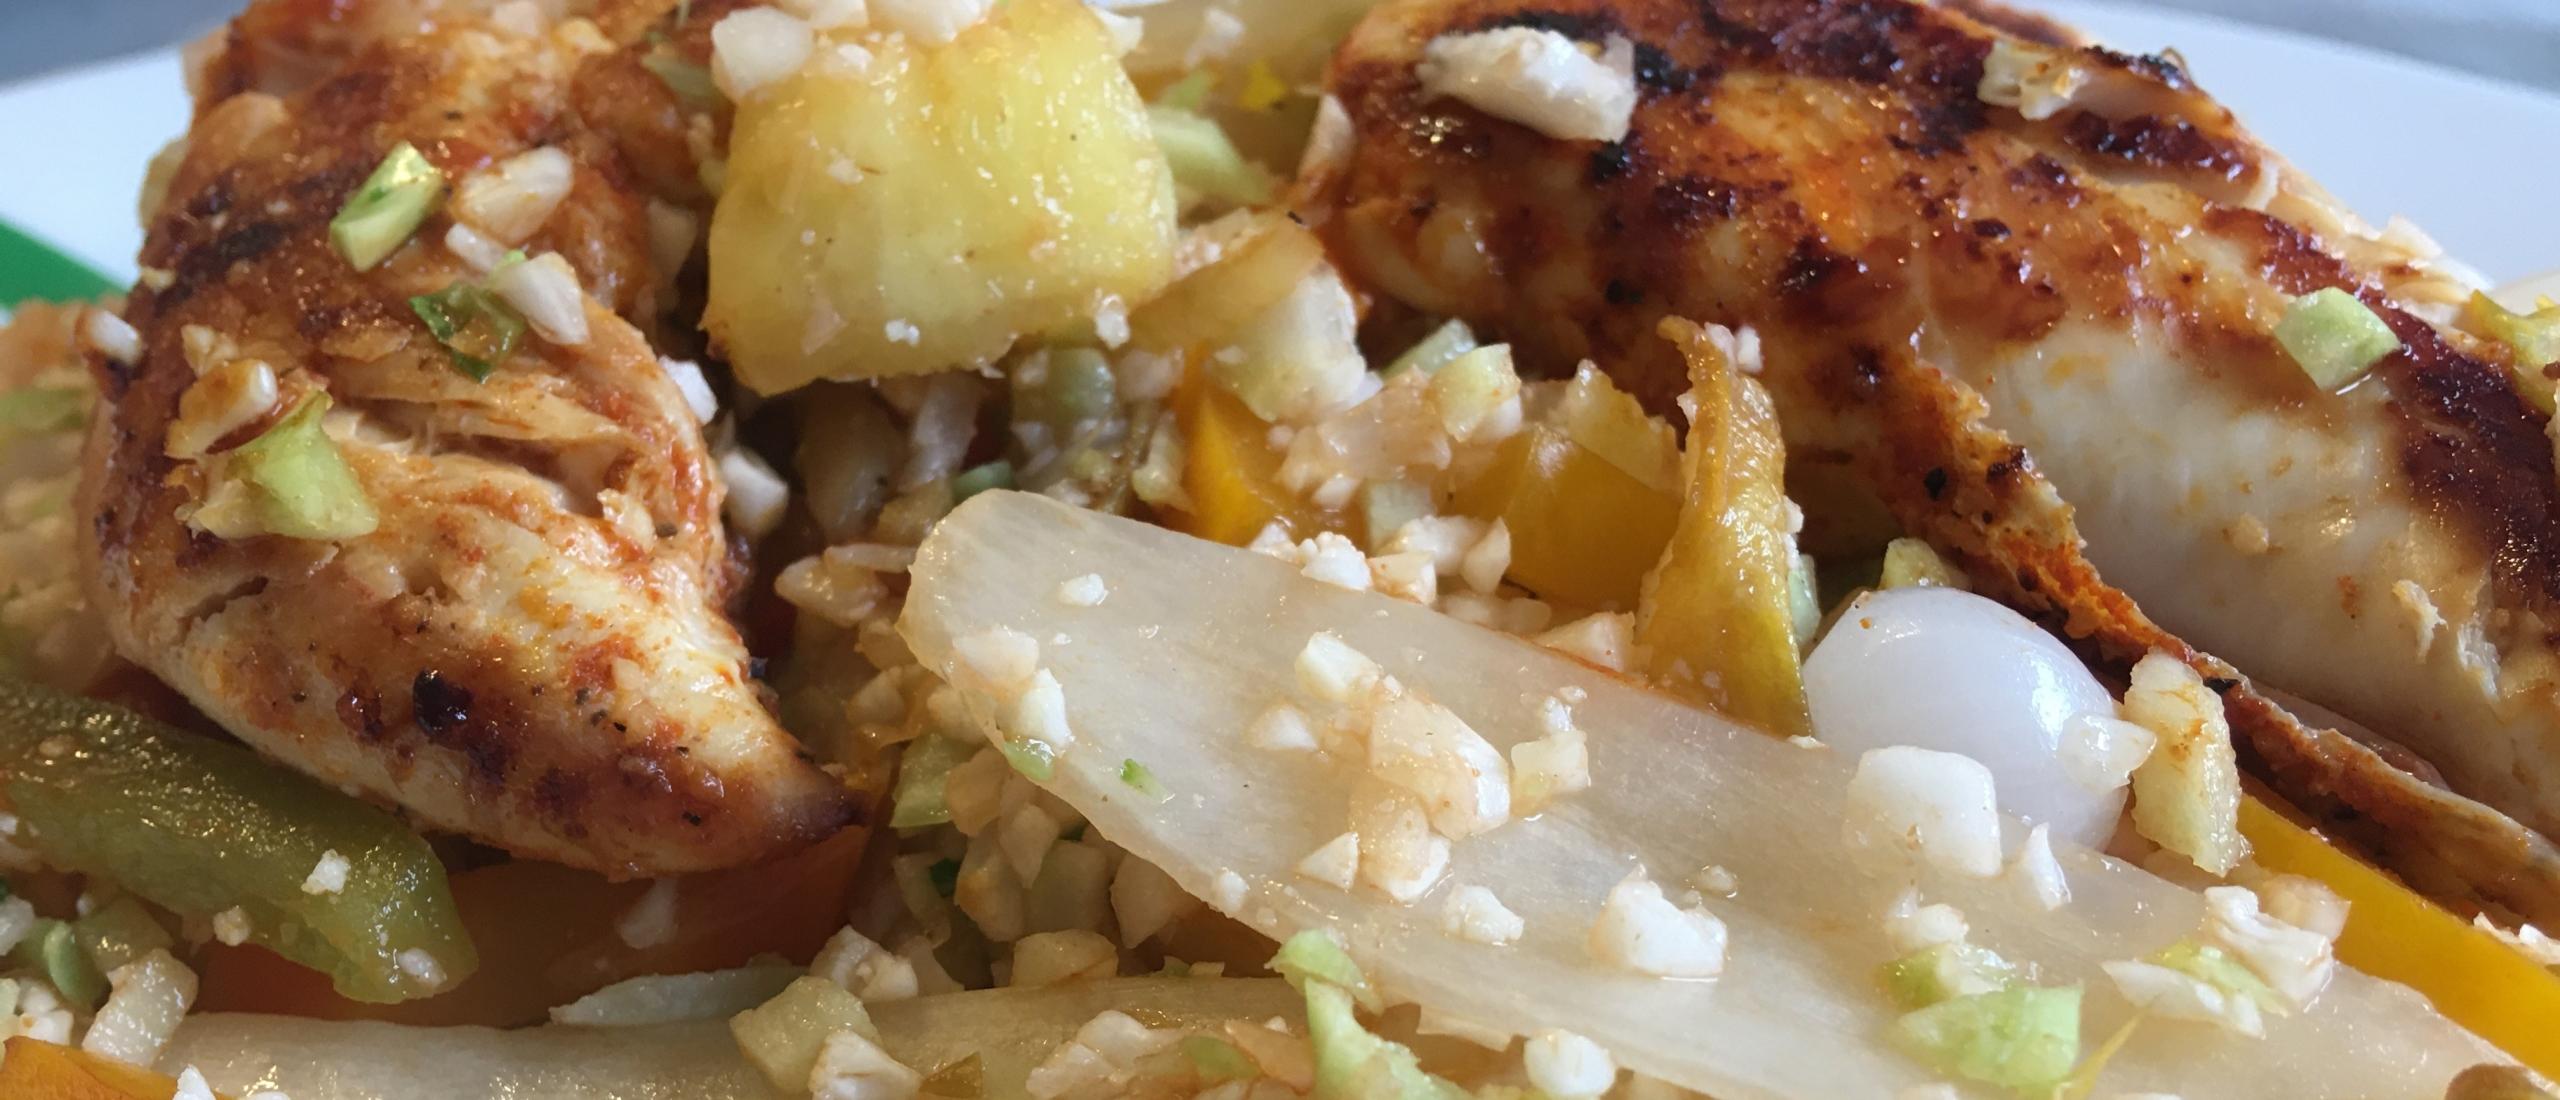 Gewokt witloof, zoetzuur met kippenblokjes en rijst van bloemkool